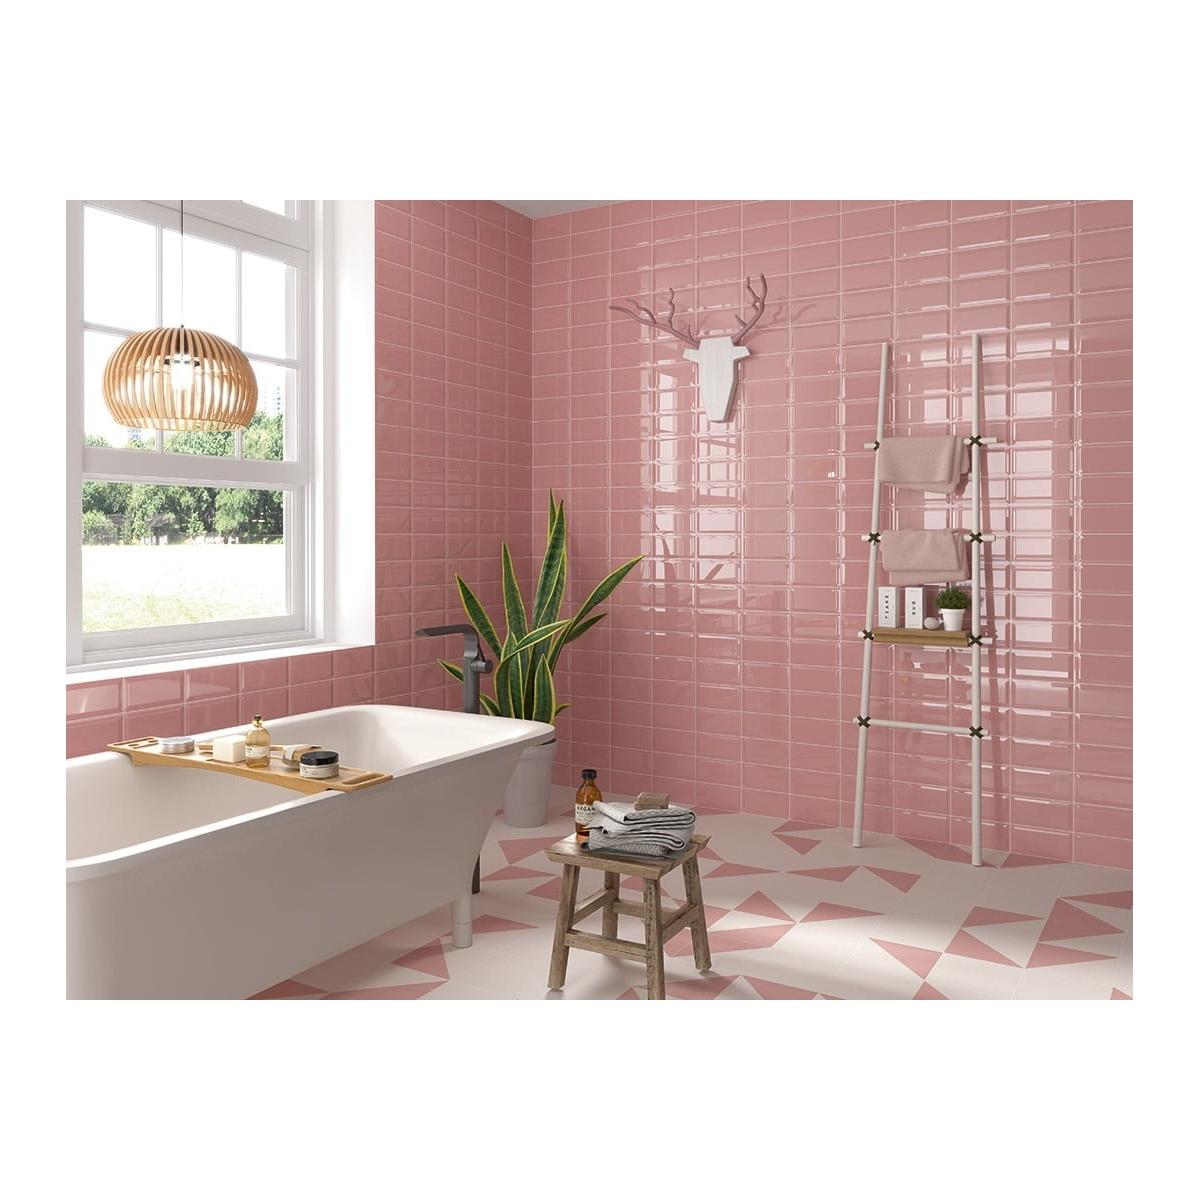 Losetas cerámicas Bissel rosa 10x20 pasta roja monococción